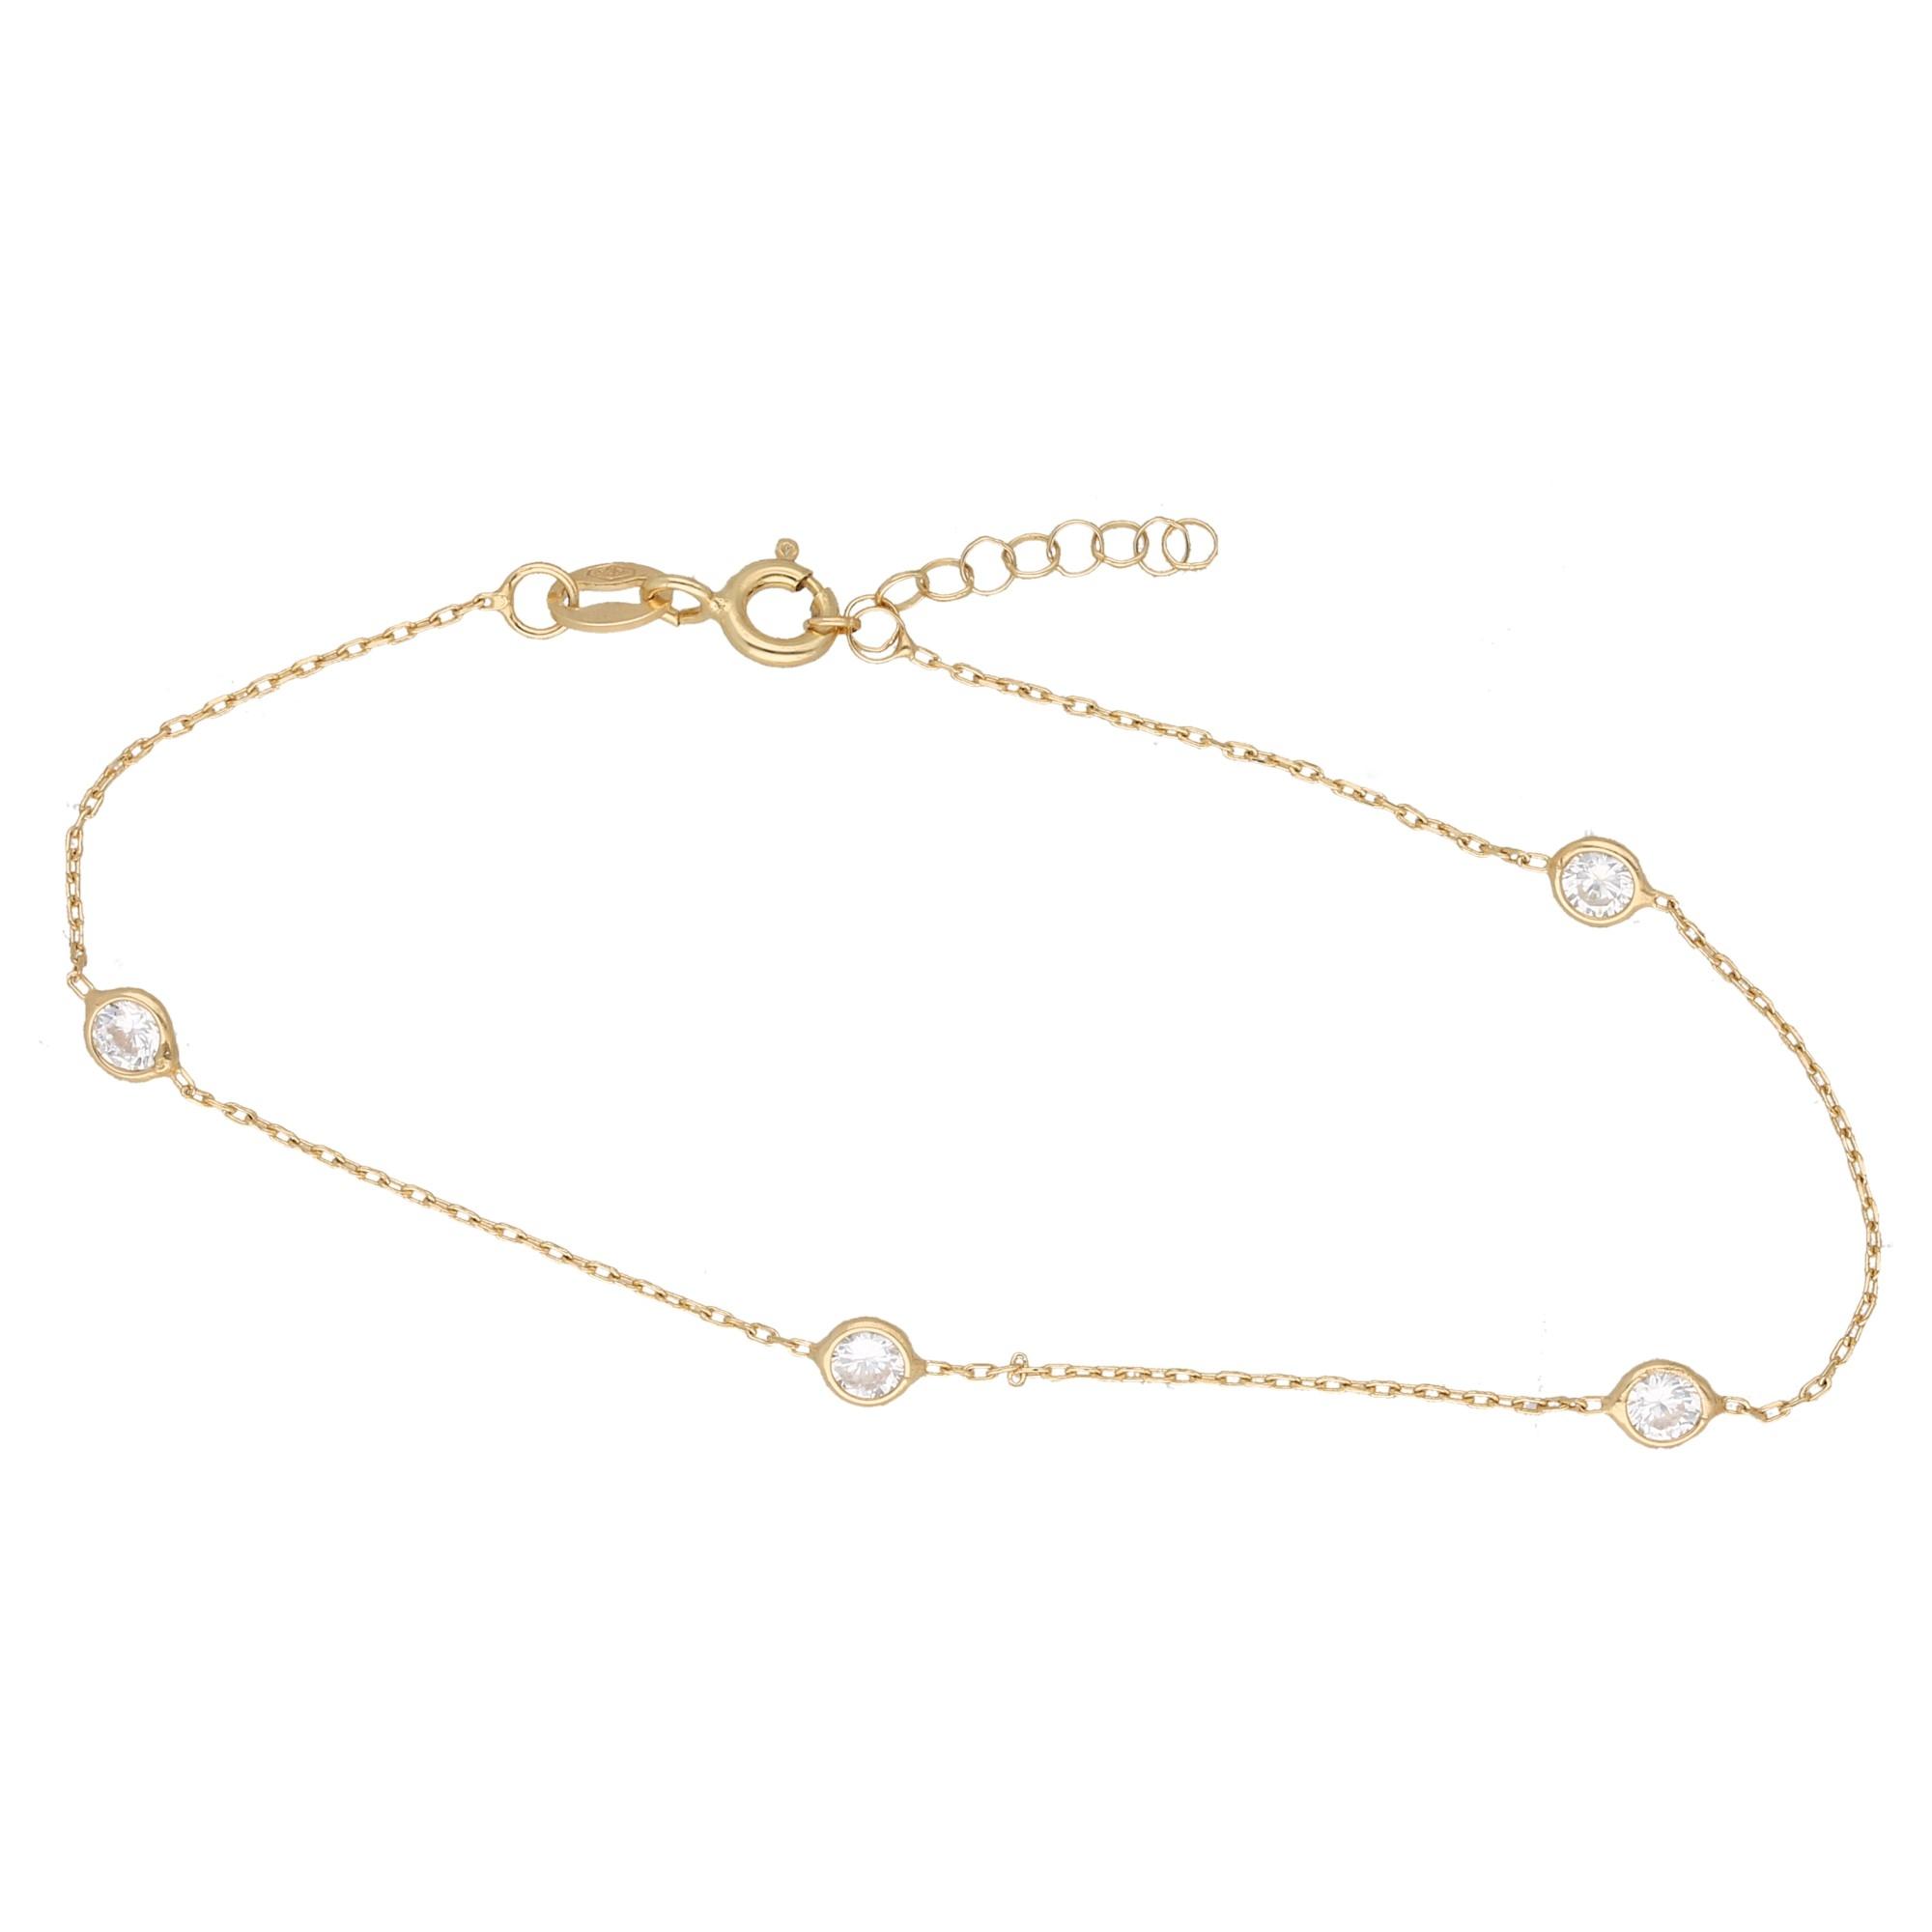 Armband mit Zirkonia, Gold 375